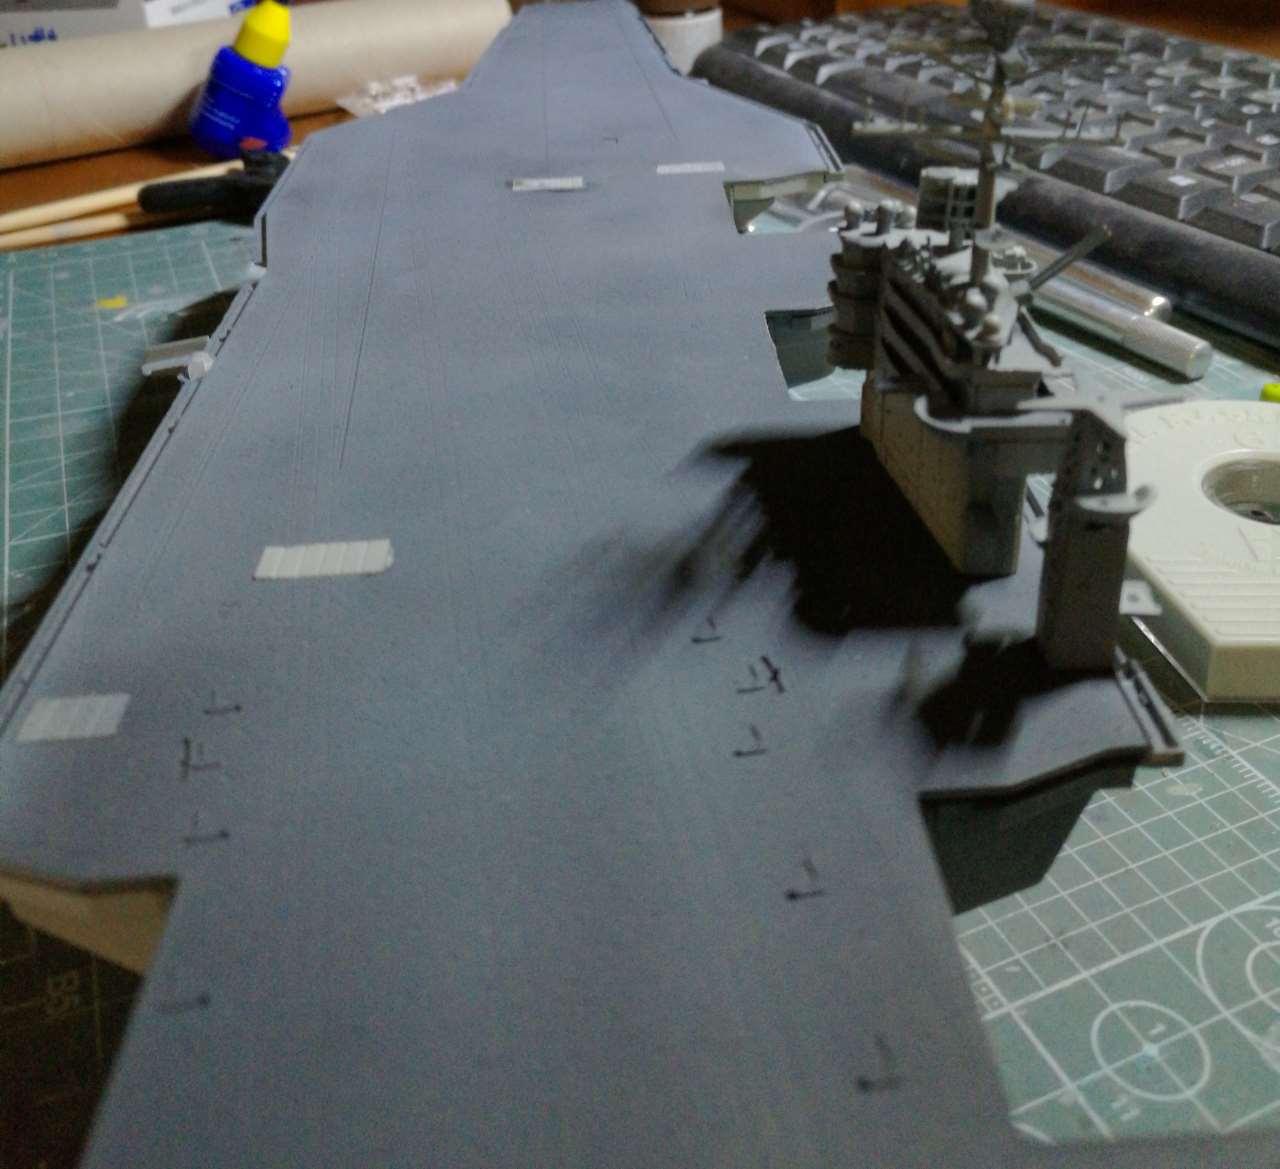 USS Theodore ROOSEVELT CVN-71 [Trumpeter 1/700] - Page 4 678857cvn7158